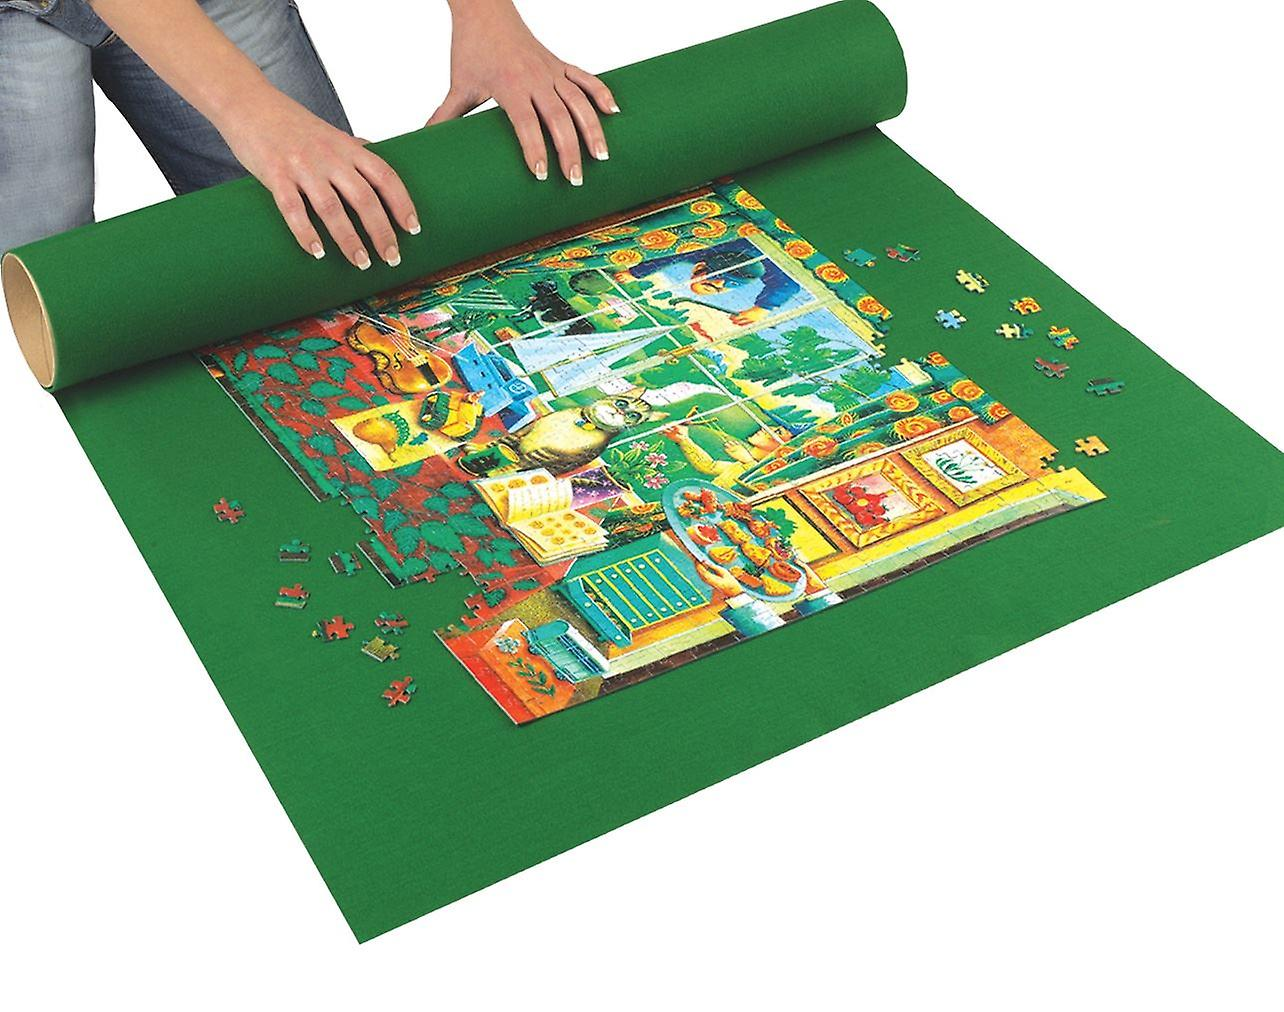 Puzzle-Roll für bis zu 2000 Puzzleteile